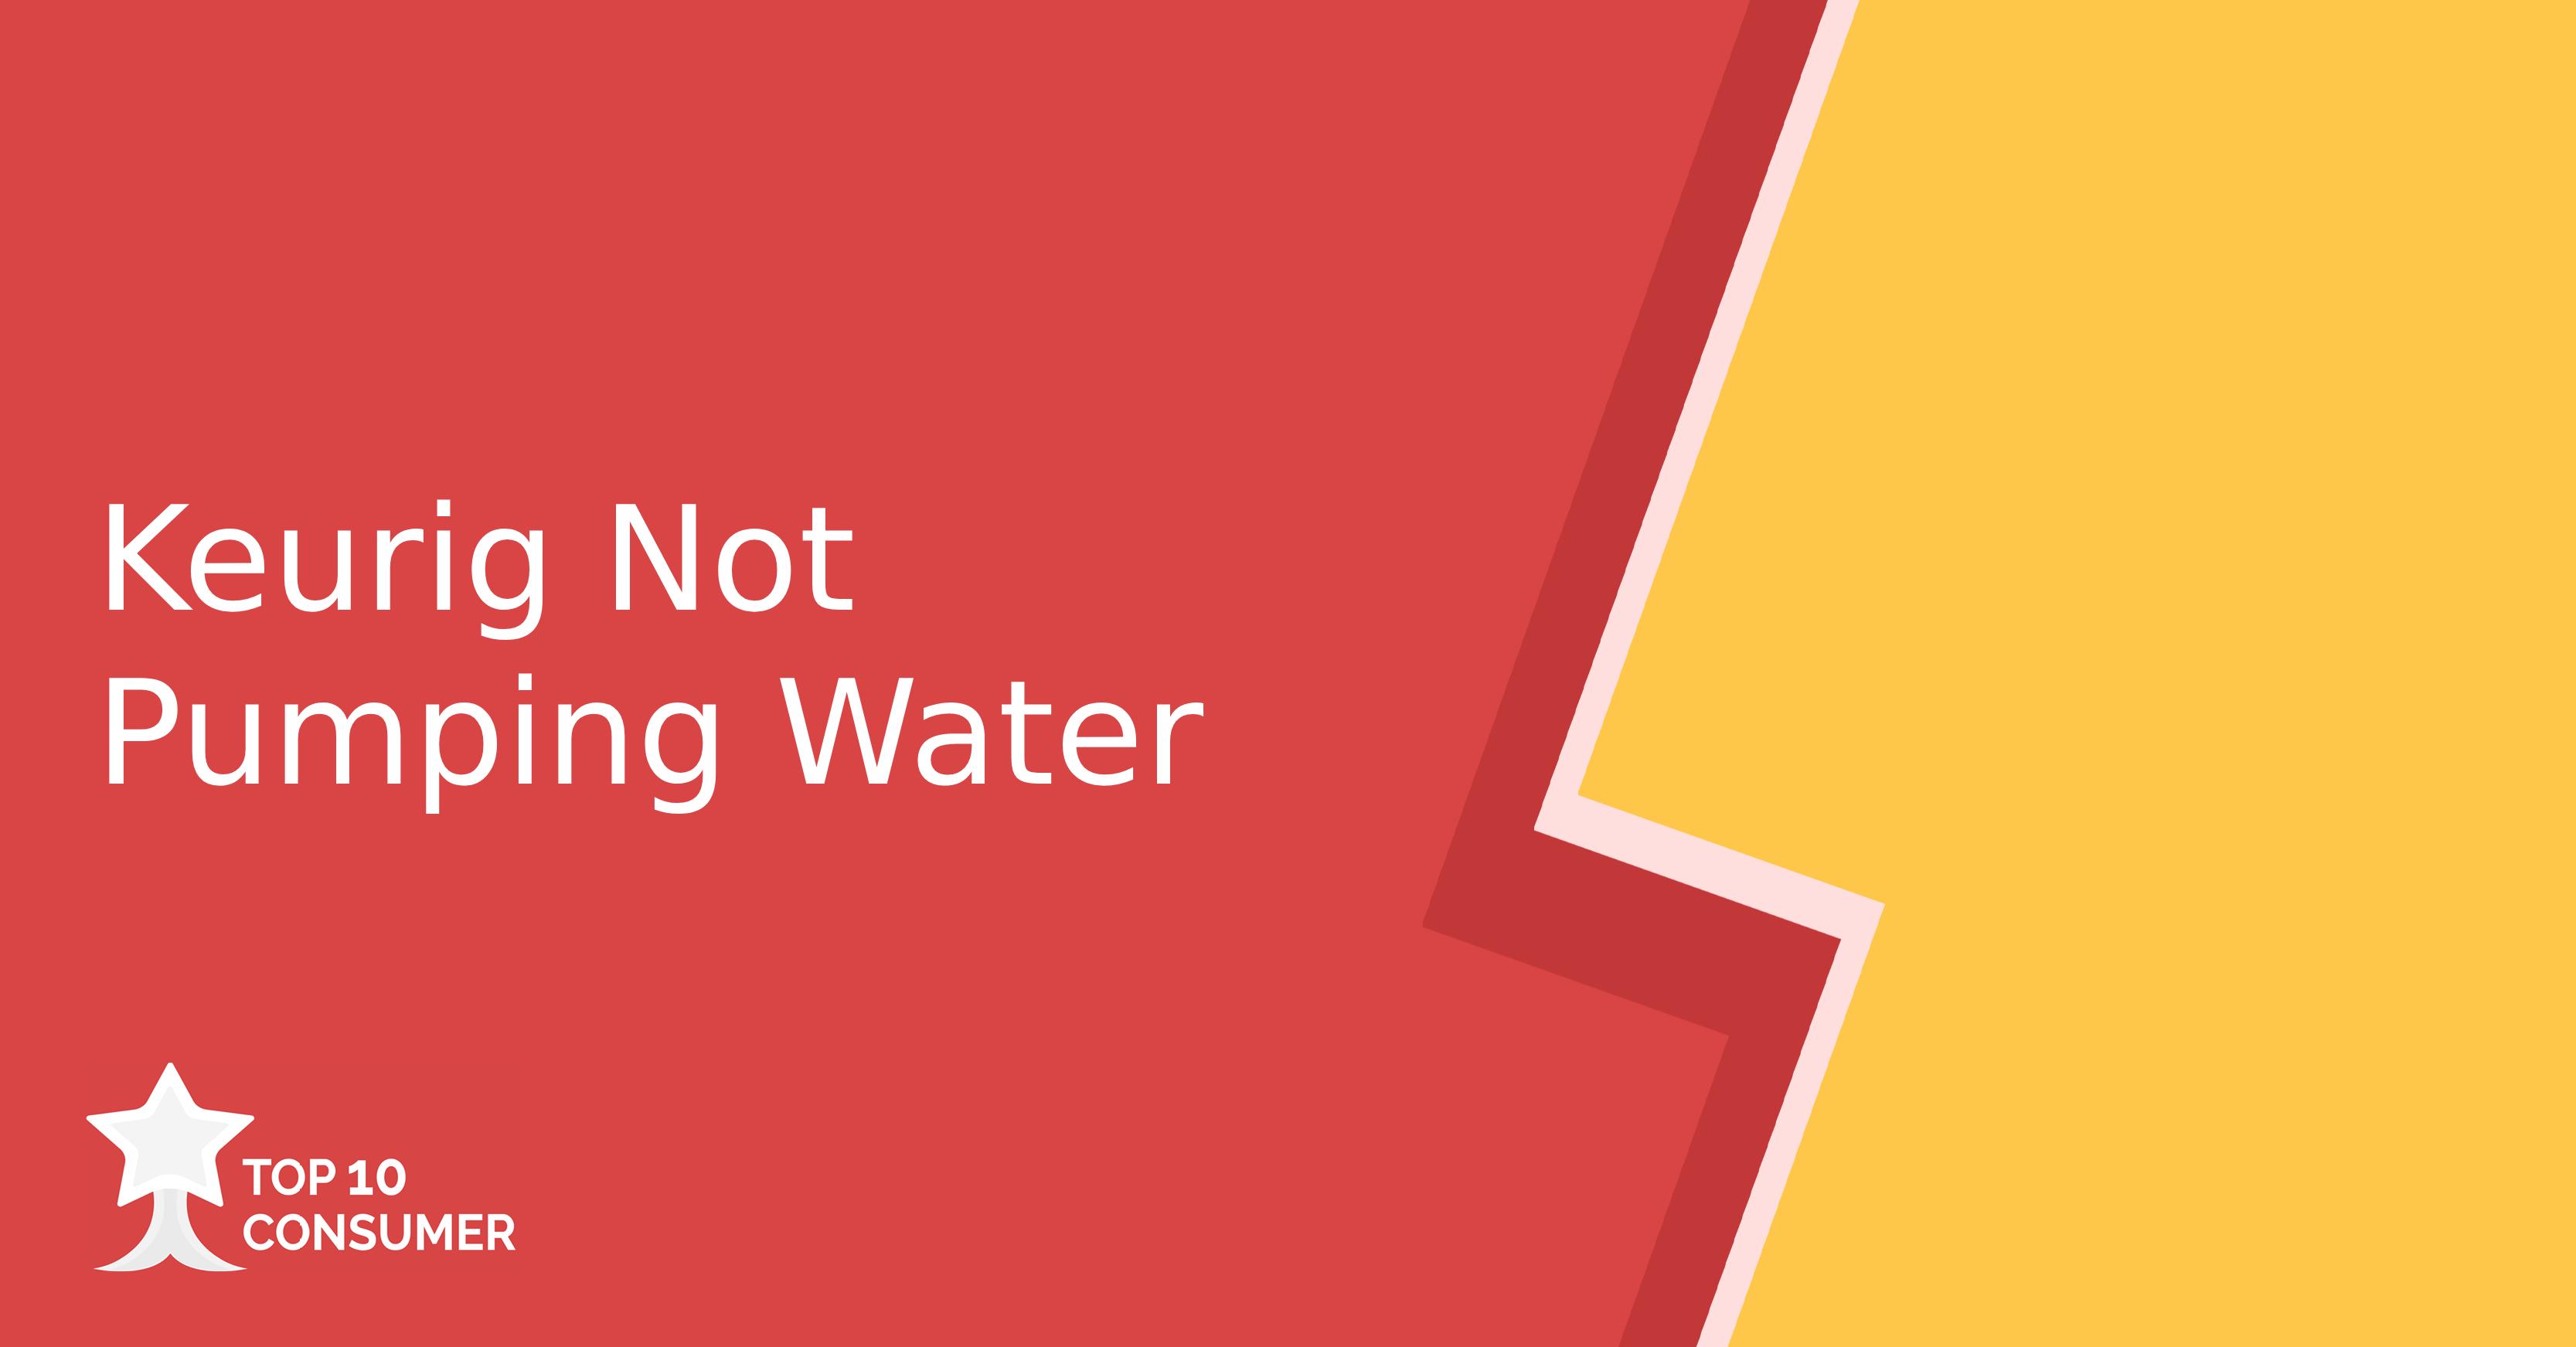 Keurig Not Pumping Water